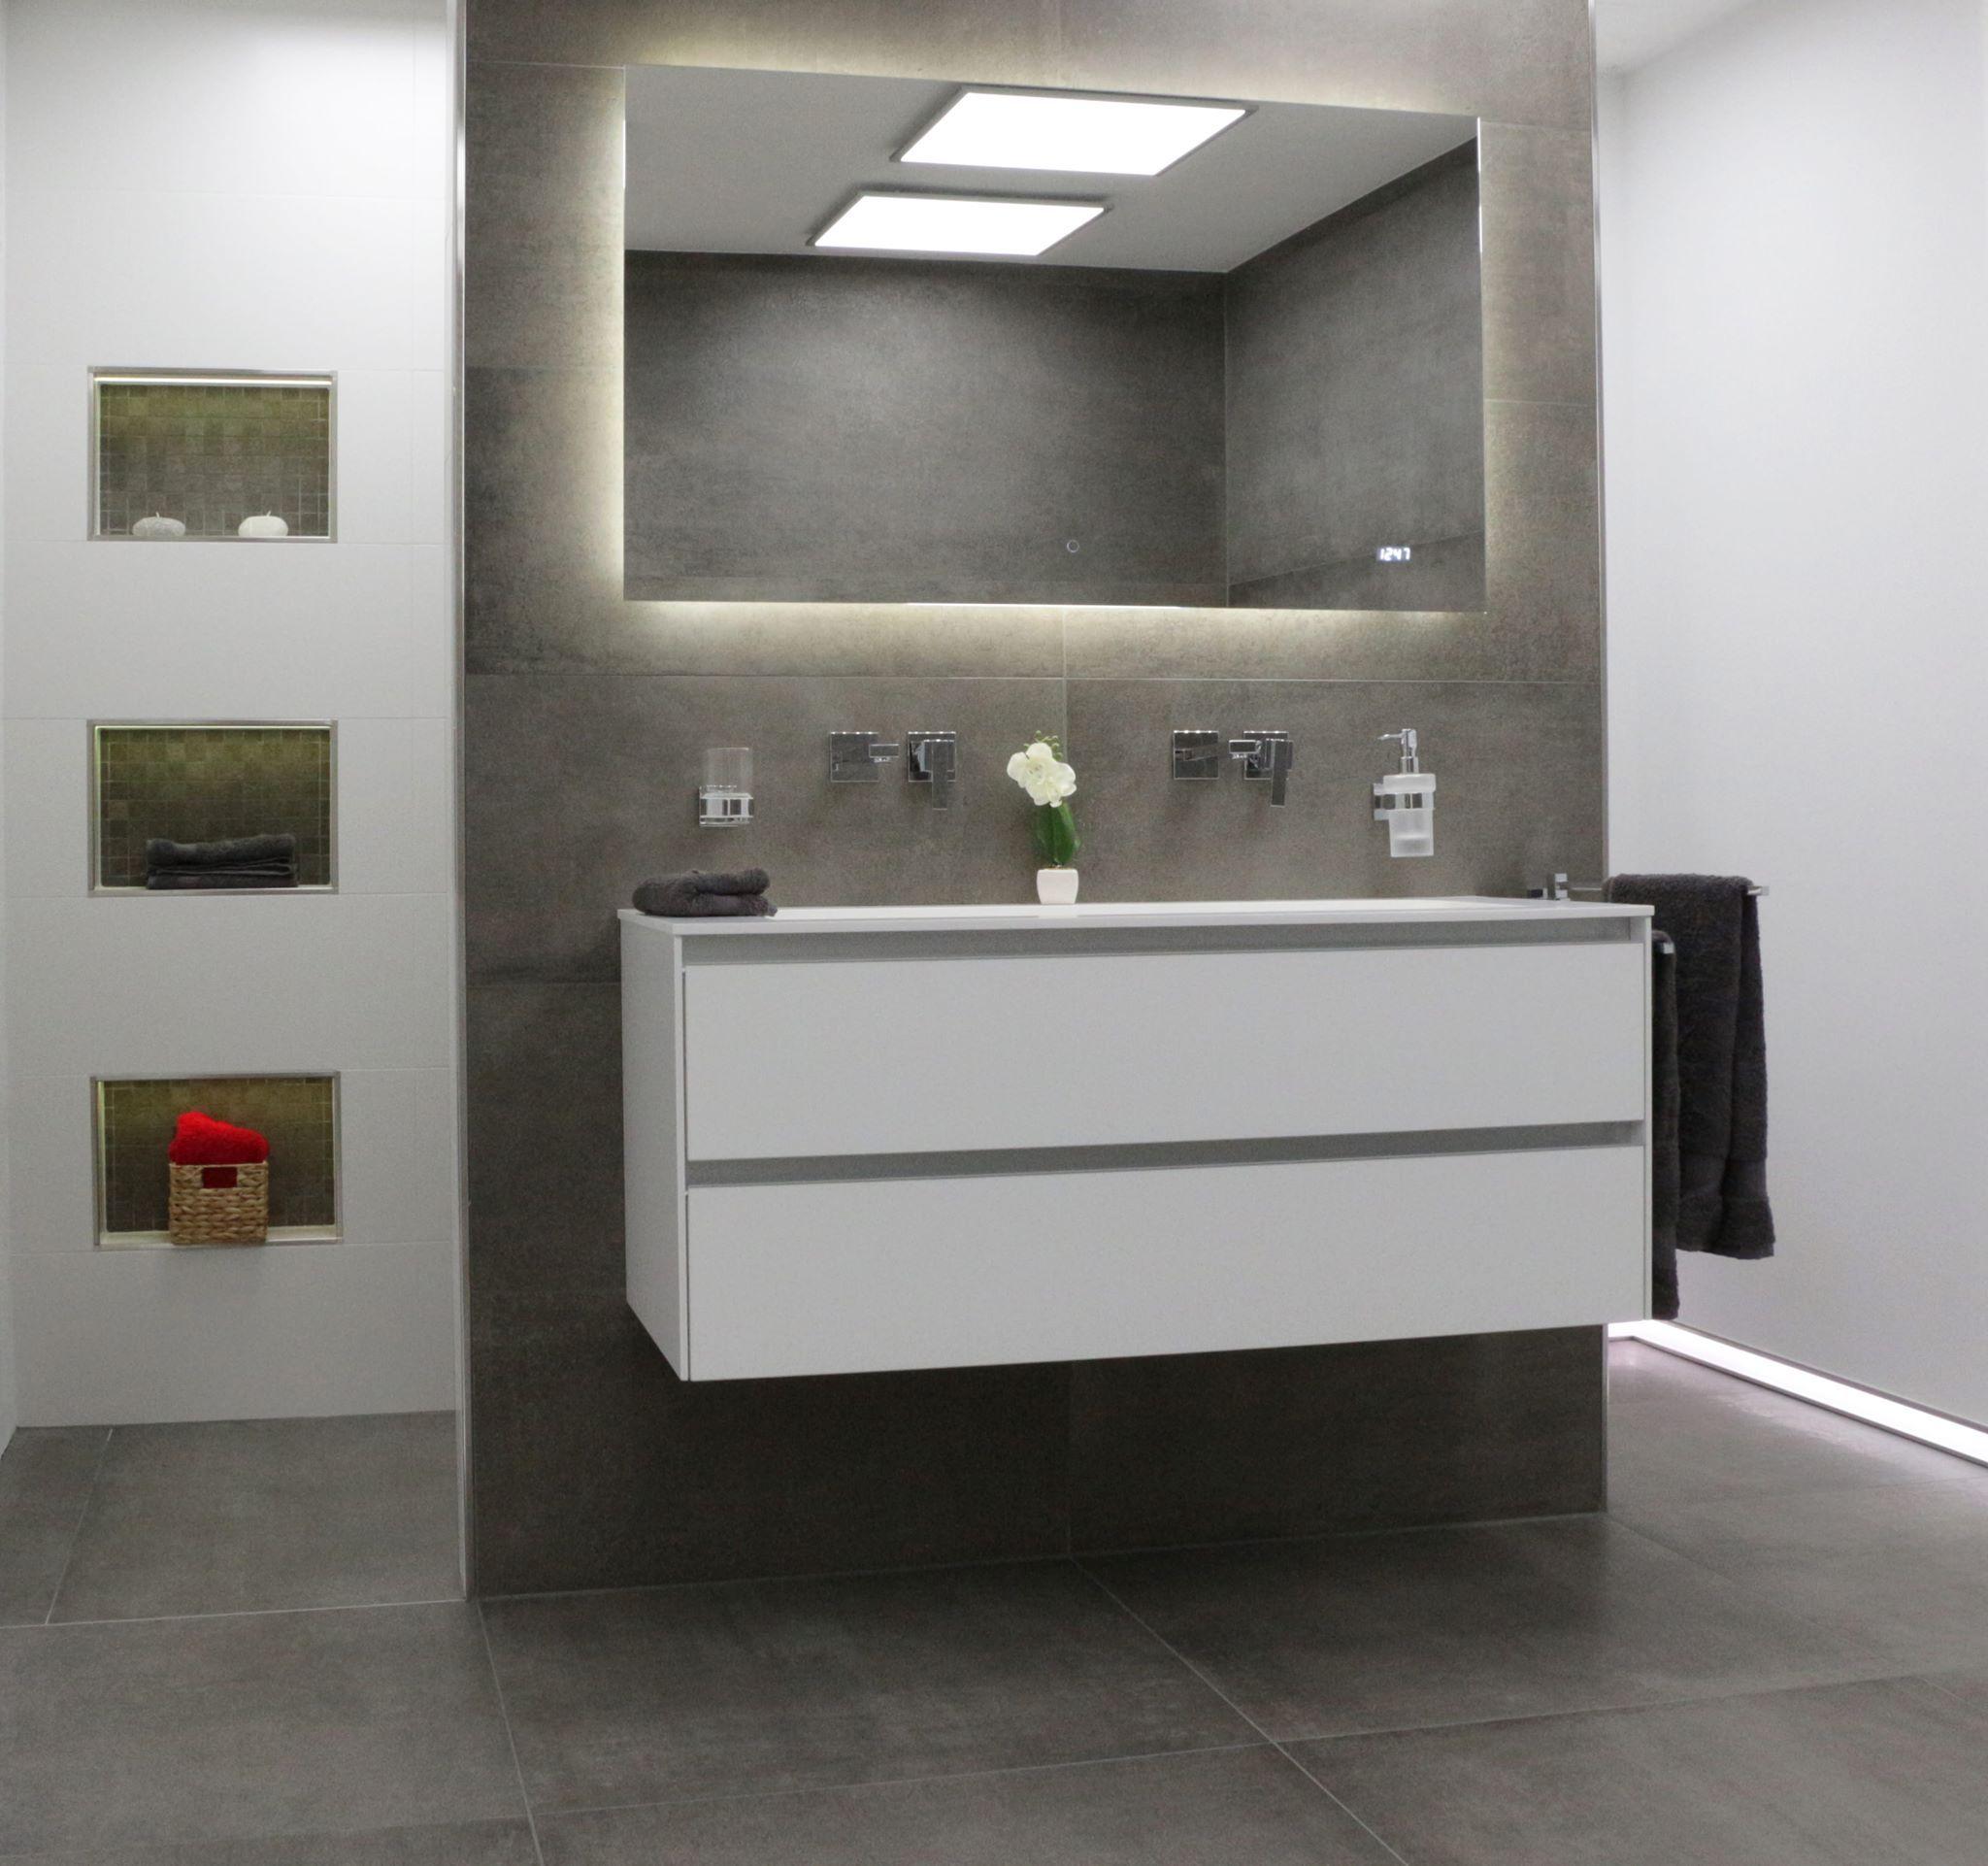 fliesen in betonoptik liegen weiterhin stark im trend jetzt auf walls. Black Bedroom Furniture Sets. Home Design Ideas